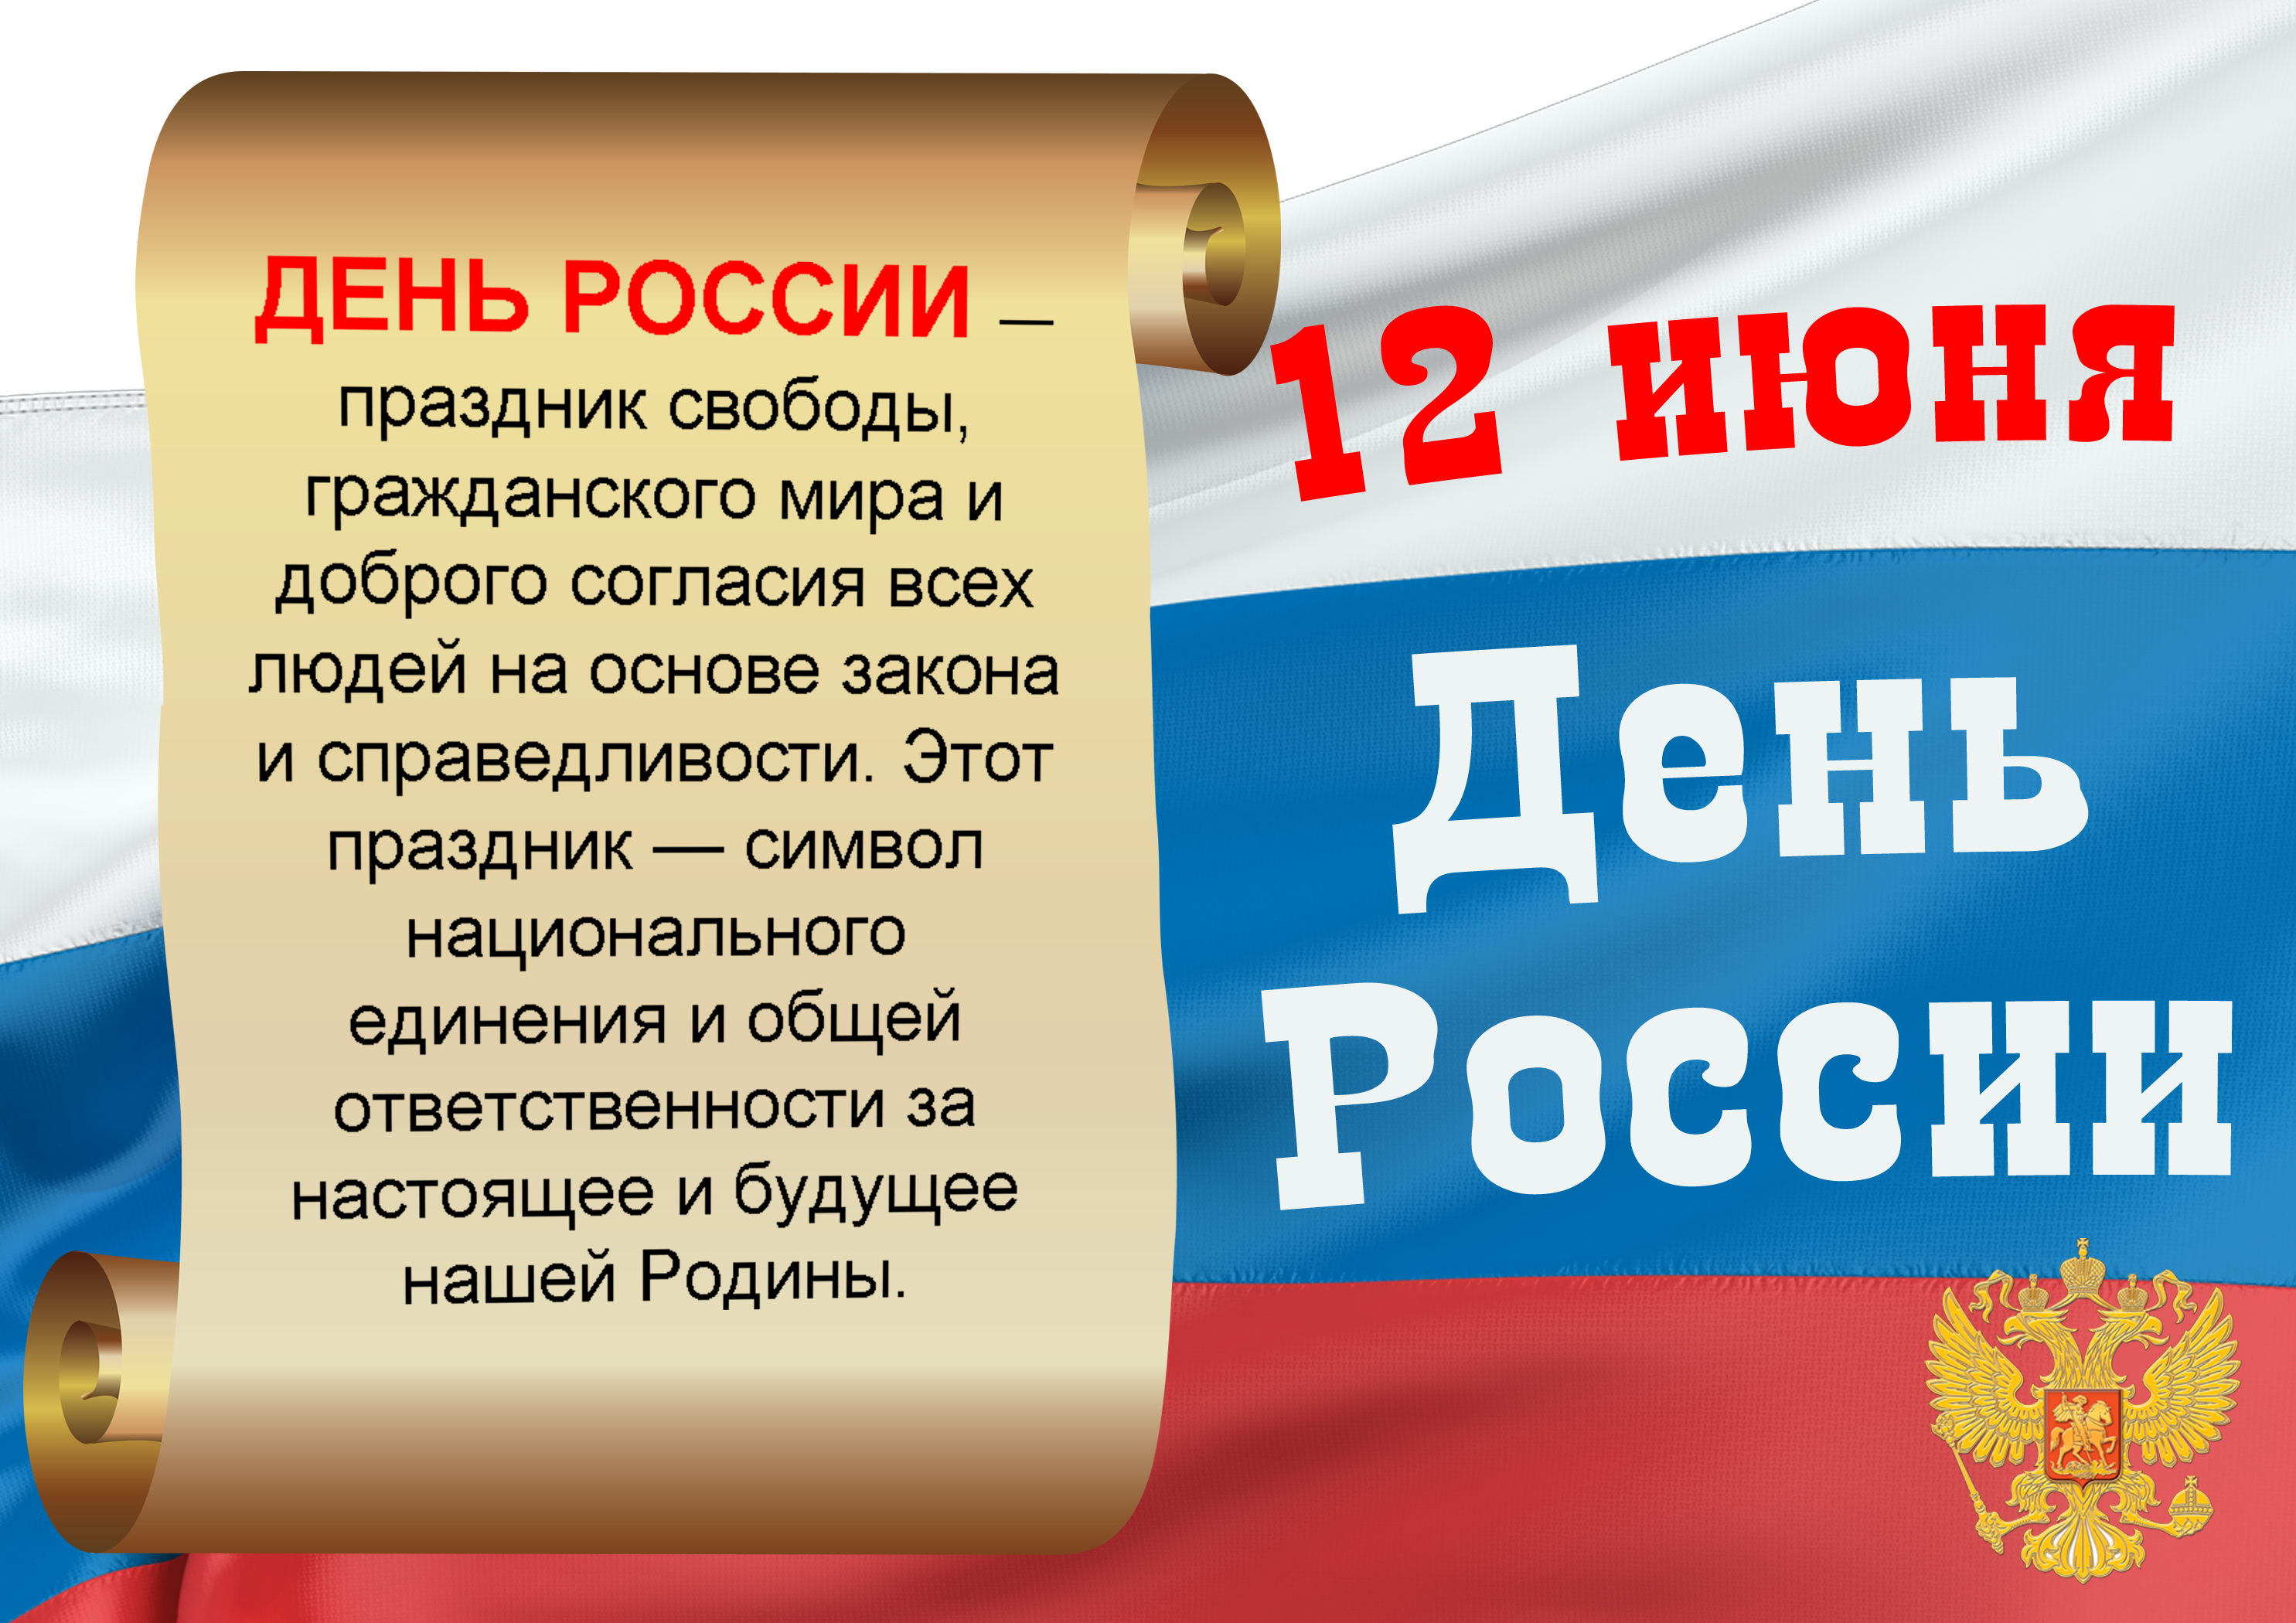 Сценарий к 12 июня день россии в клубе